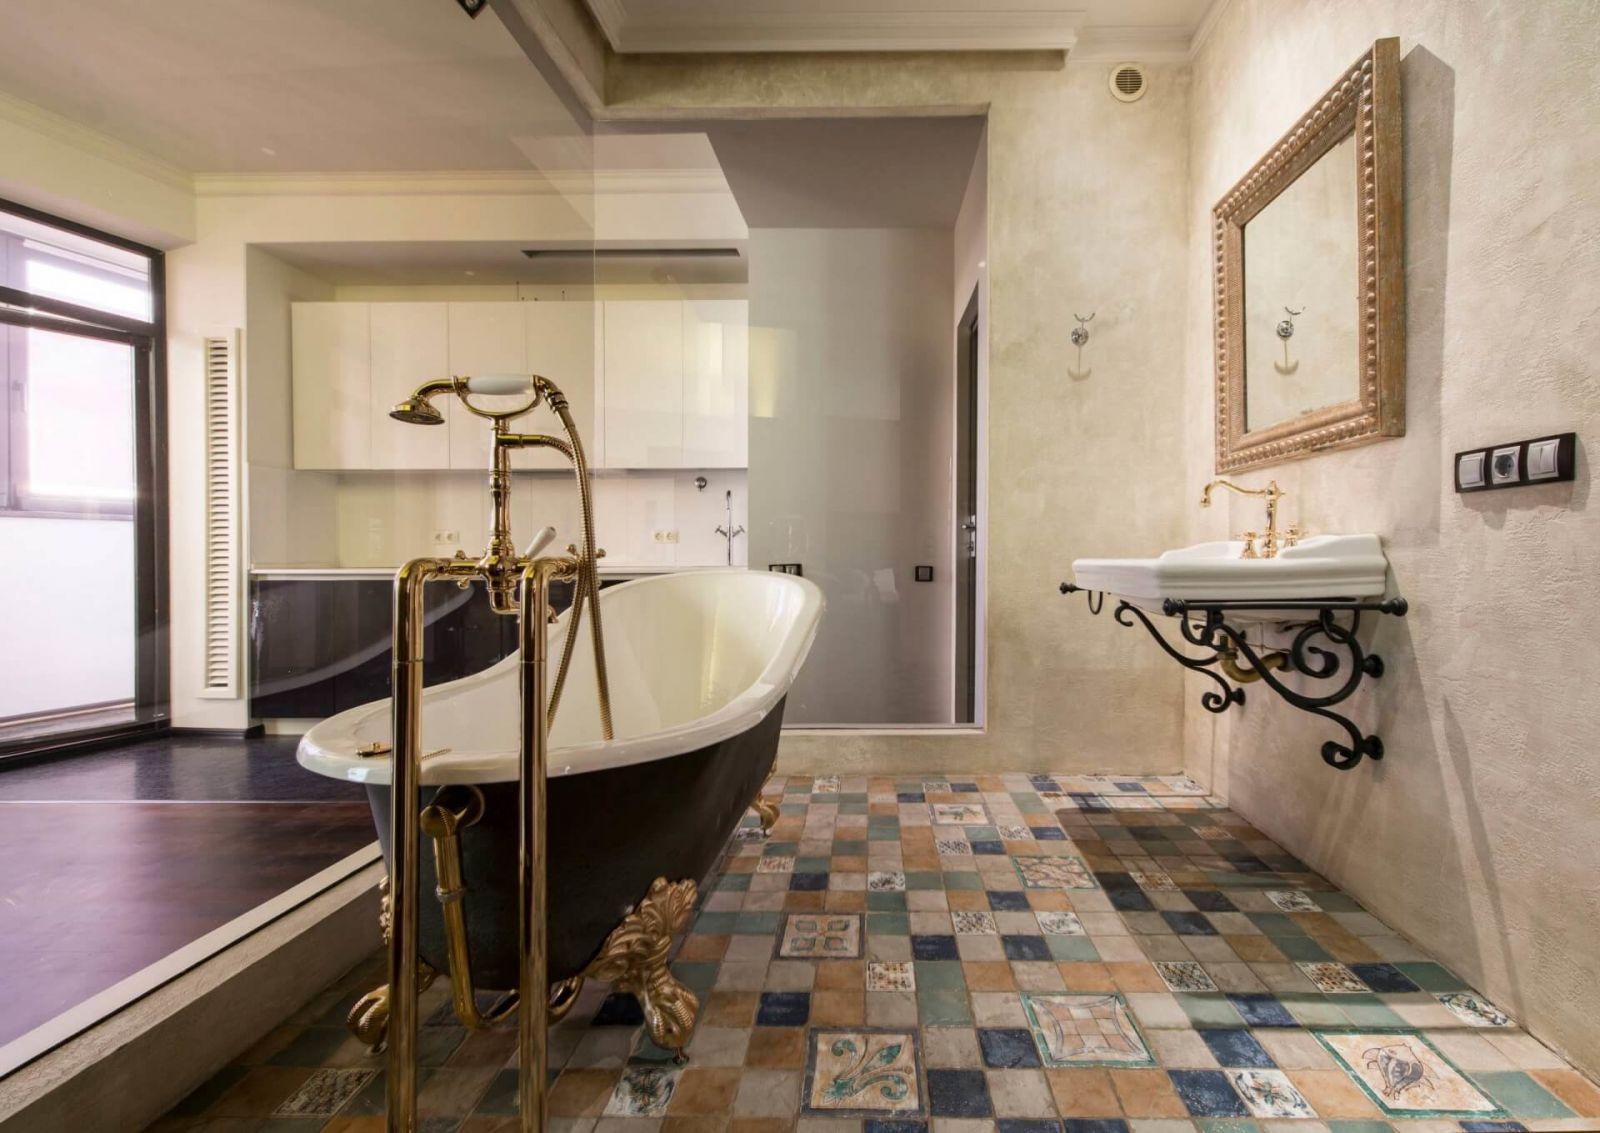 Винтажную ванную комнату невозможно вообразить без бронзовых деталей, лутанных крючков и изысканных зеркал.